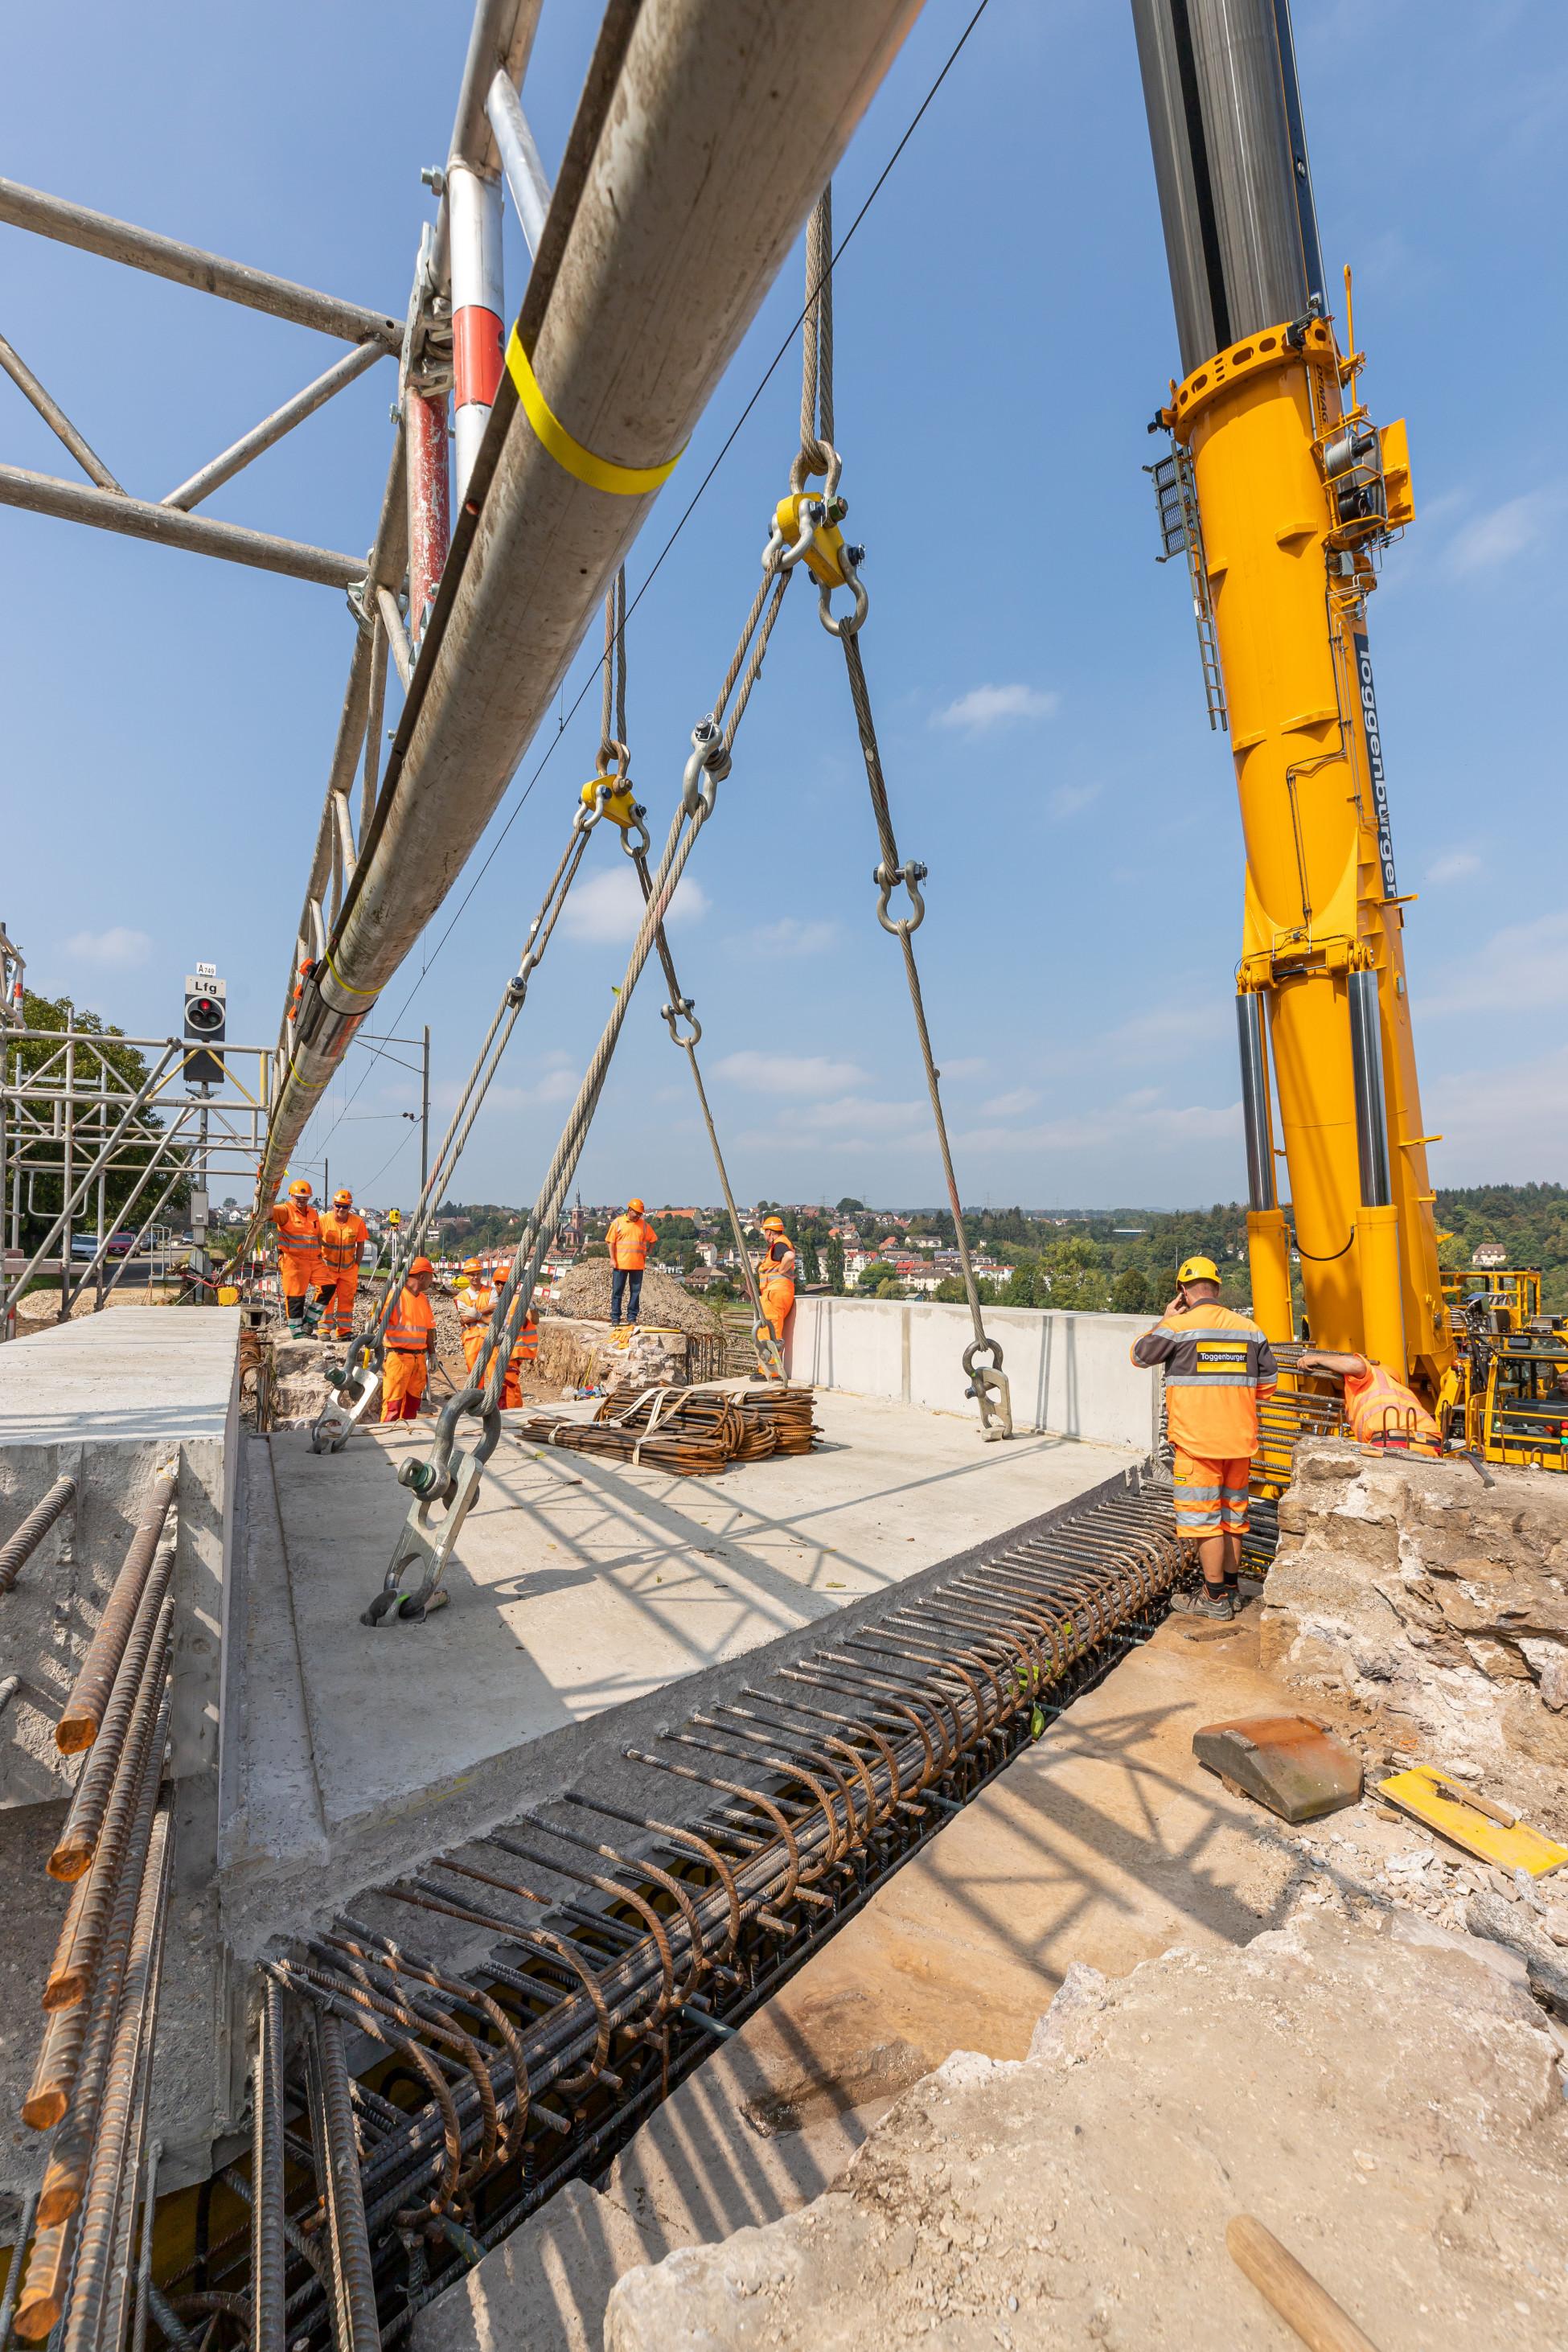 Laufenburg SBB Ersatzbruecke U1 Millimeterarbeit beim Versetzen der Betonbrückenplatte